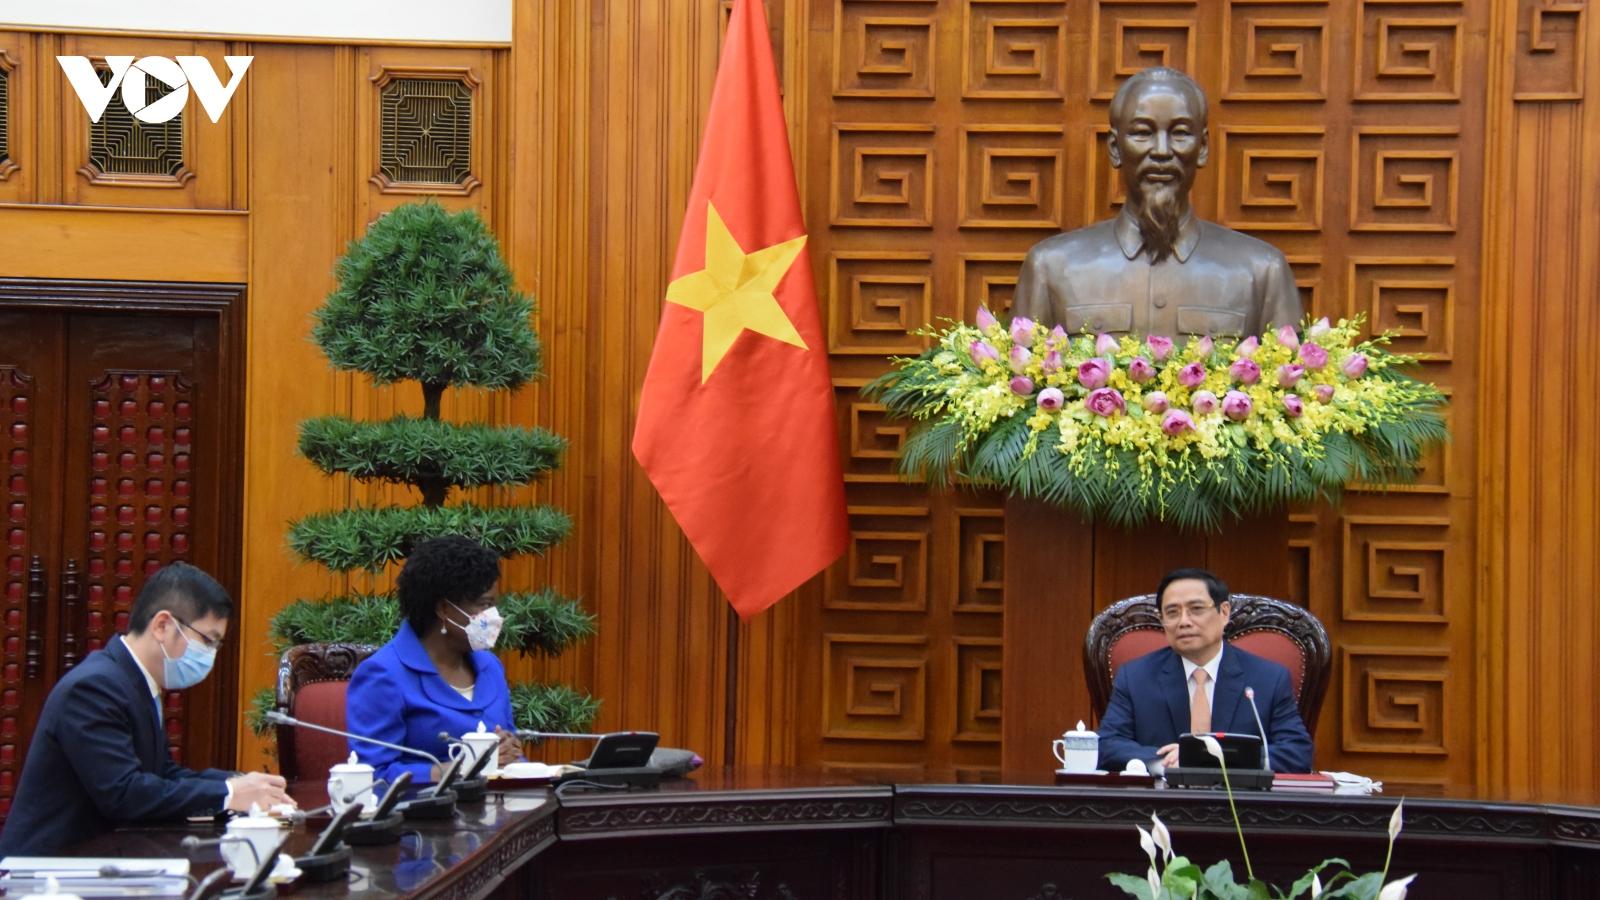 Thủ tướng Chính phủ Phạm Minh Chính tiếp bà Victoria Kwakwa - Phó Chủ tịch WB